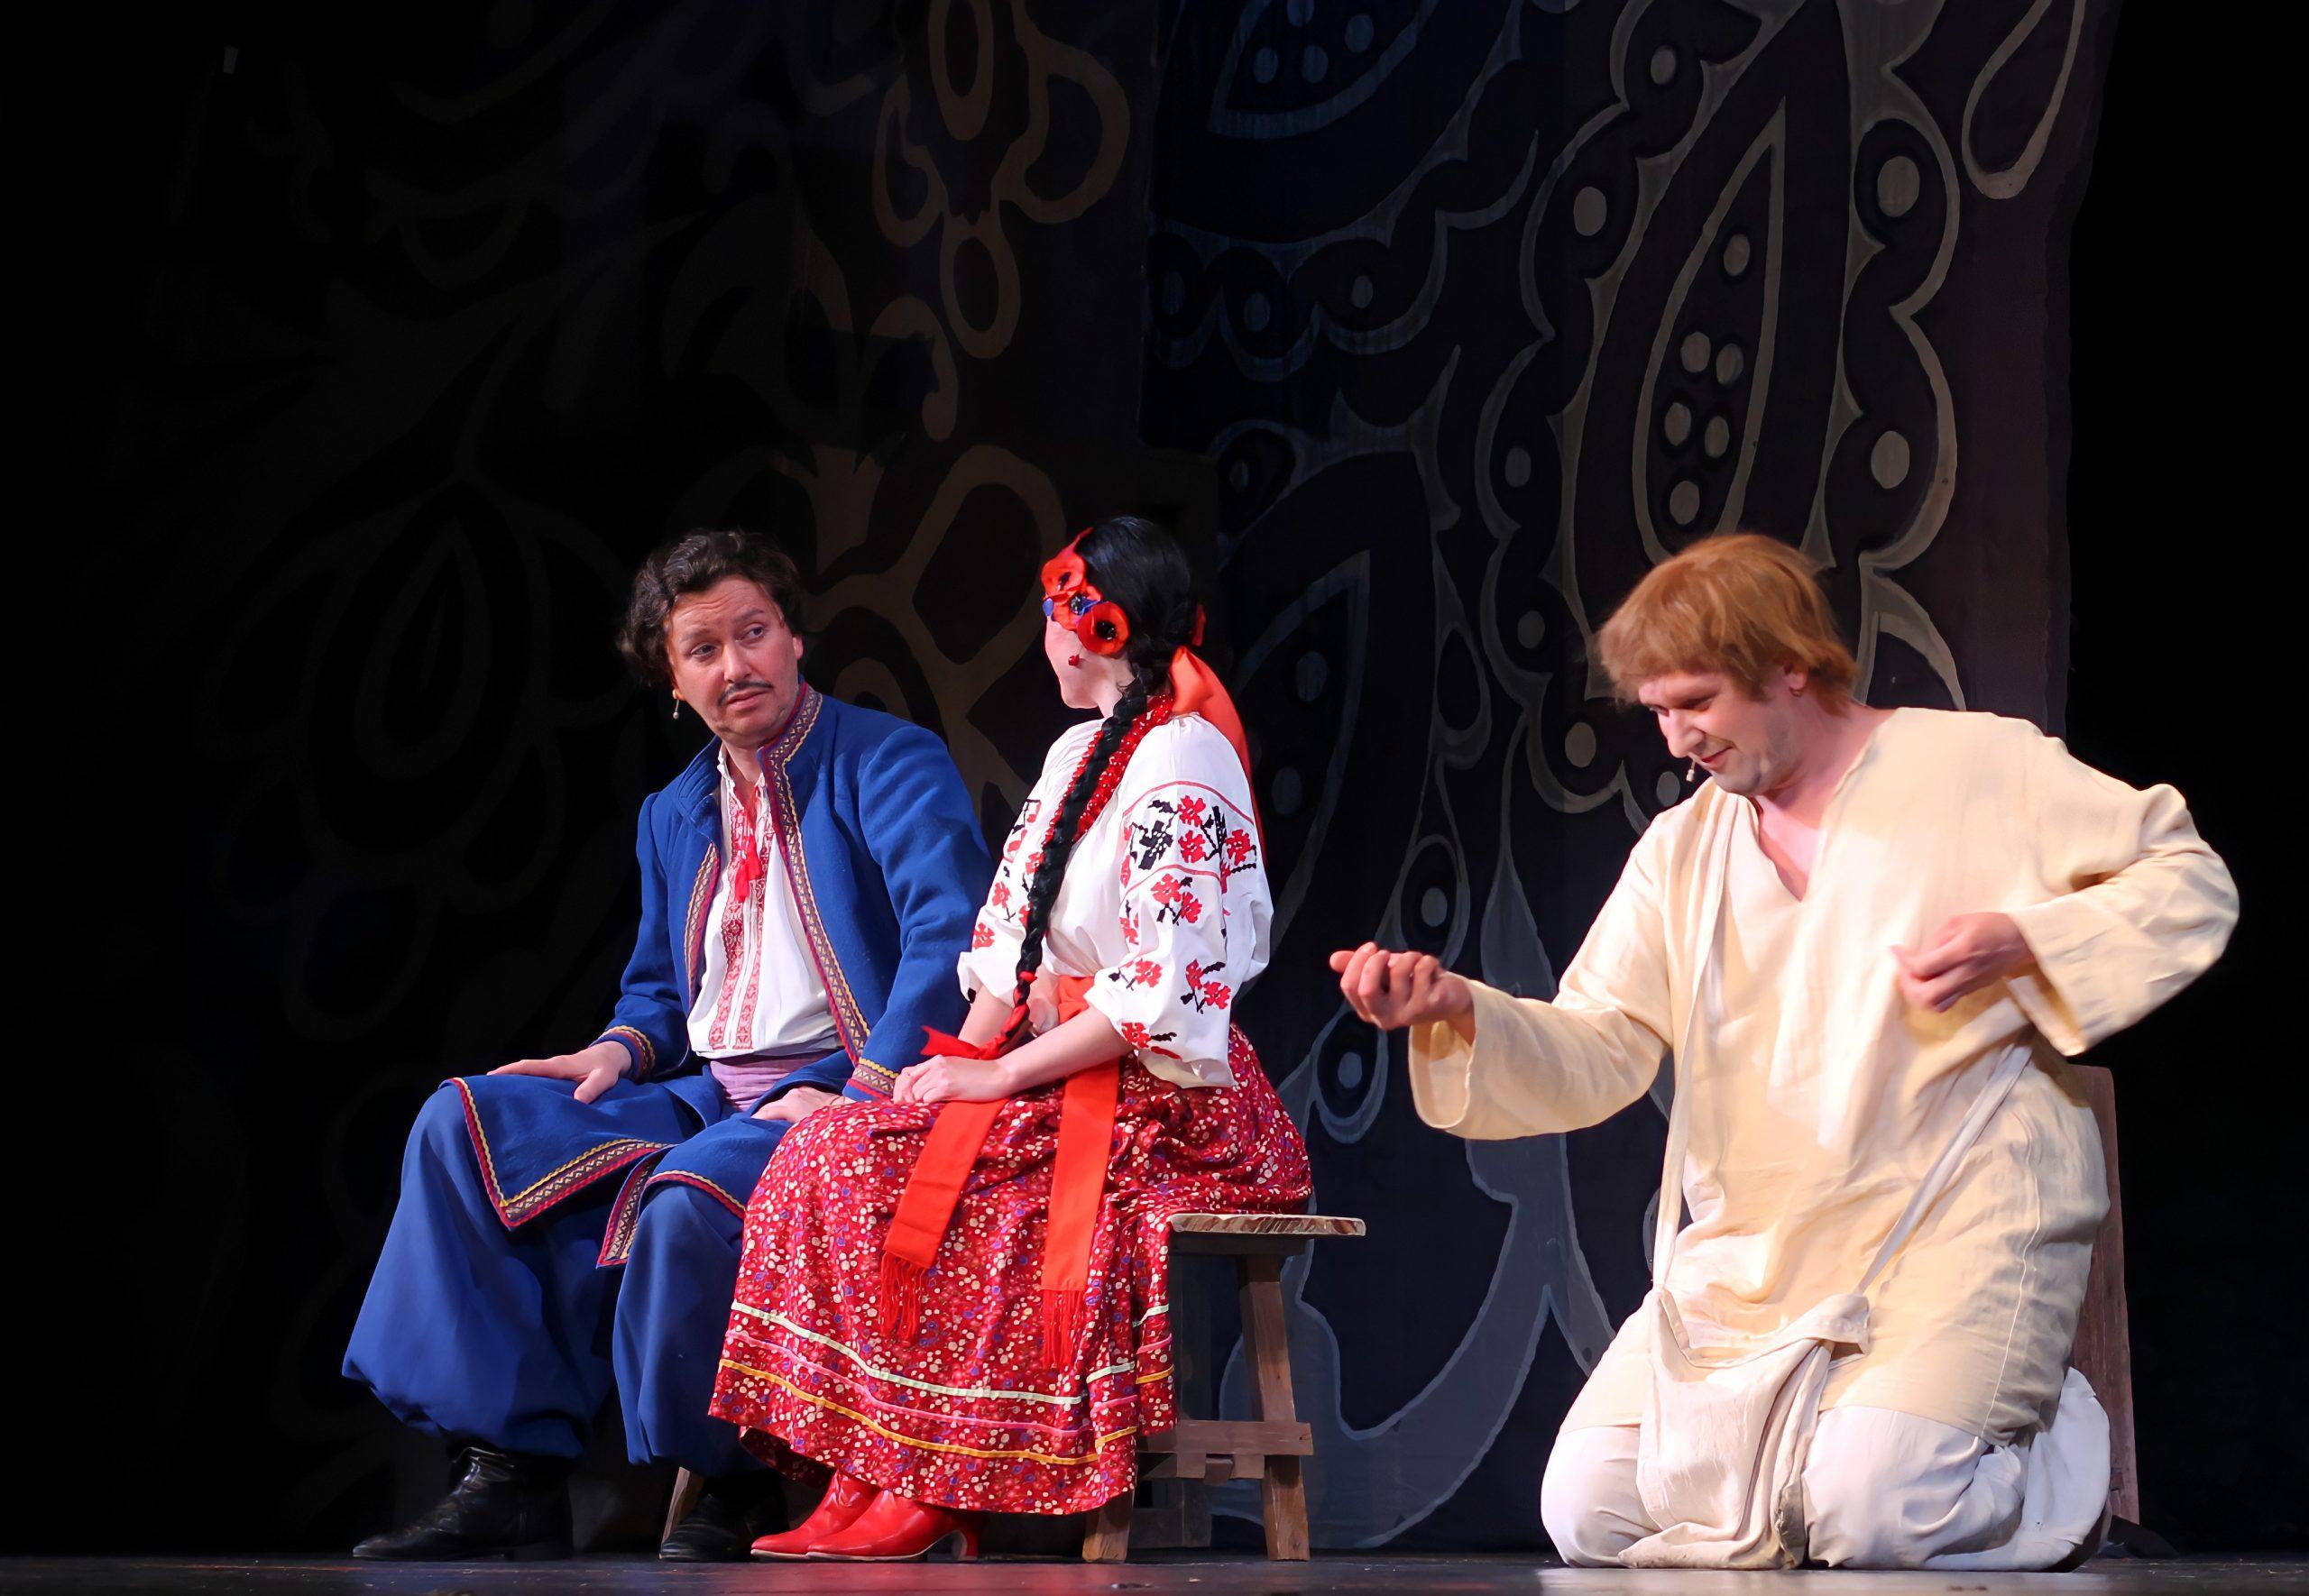 У драмтеатрі відбулася вистава «Сватання на Гончарівці» (ФОТО)